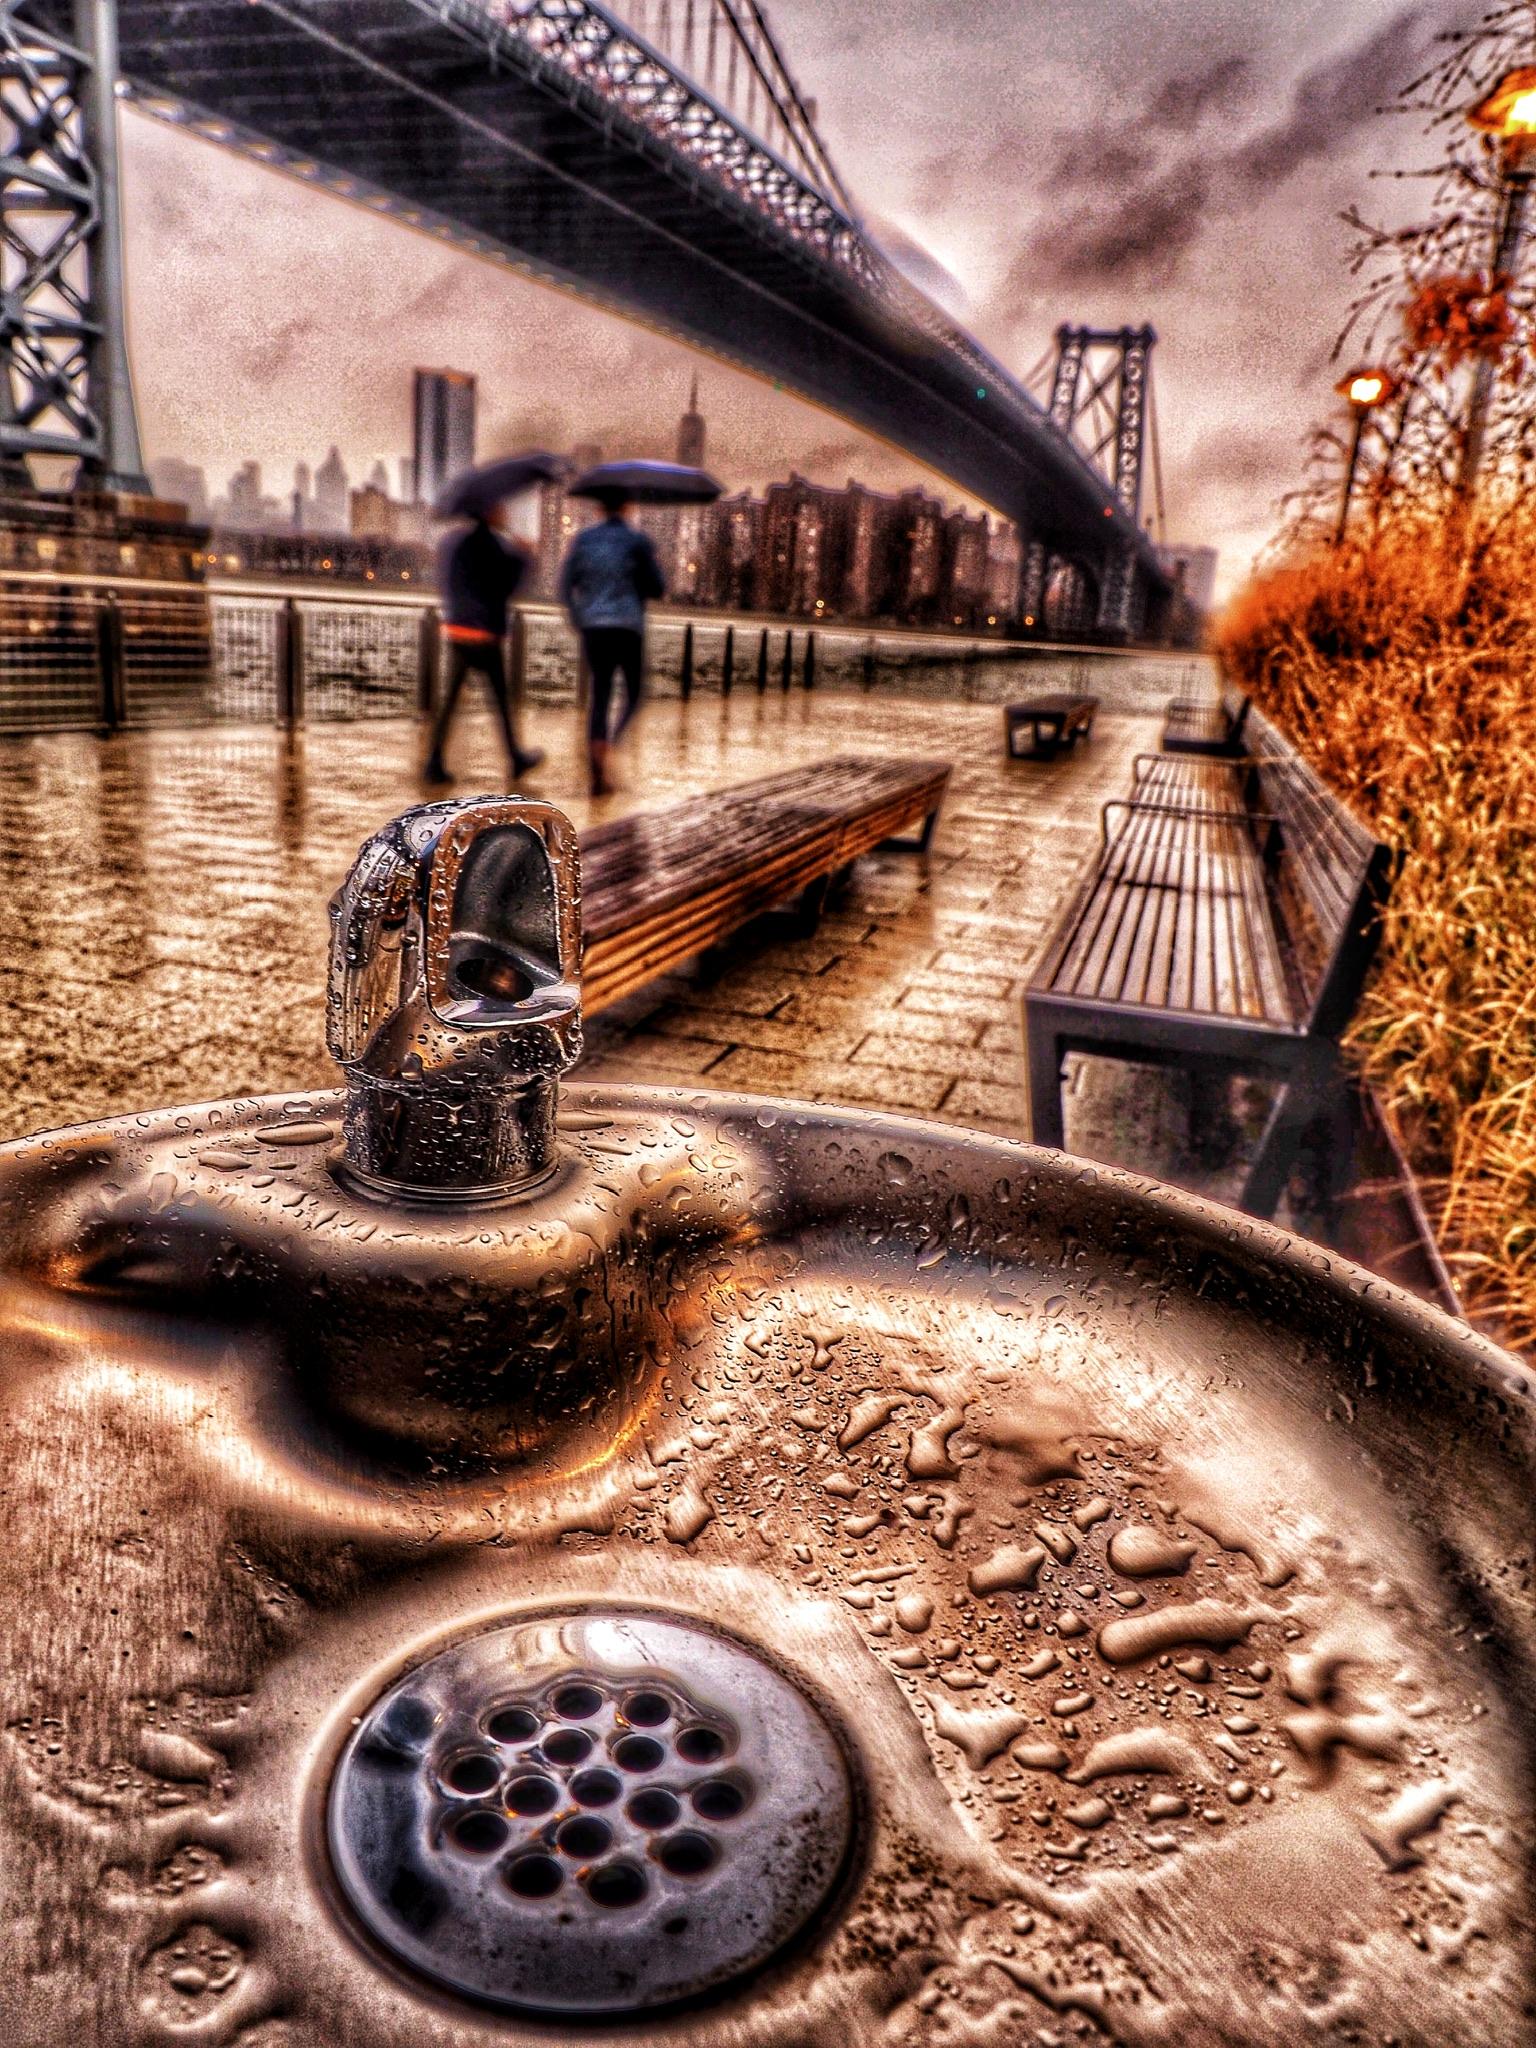 Rainy day in Domino Park, NYC